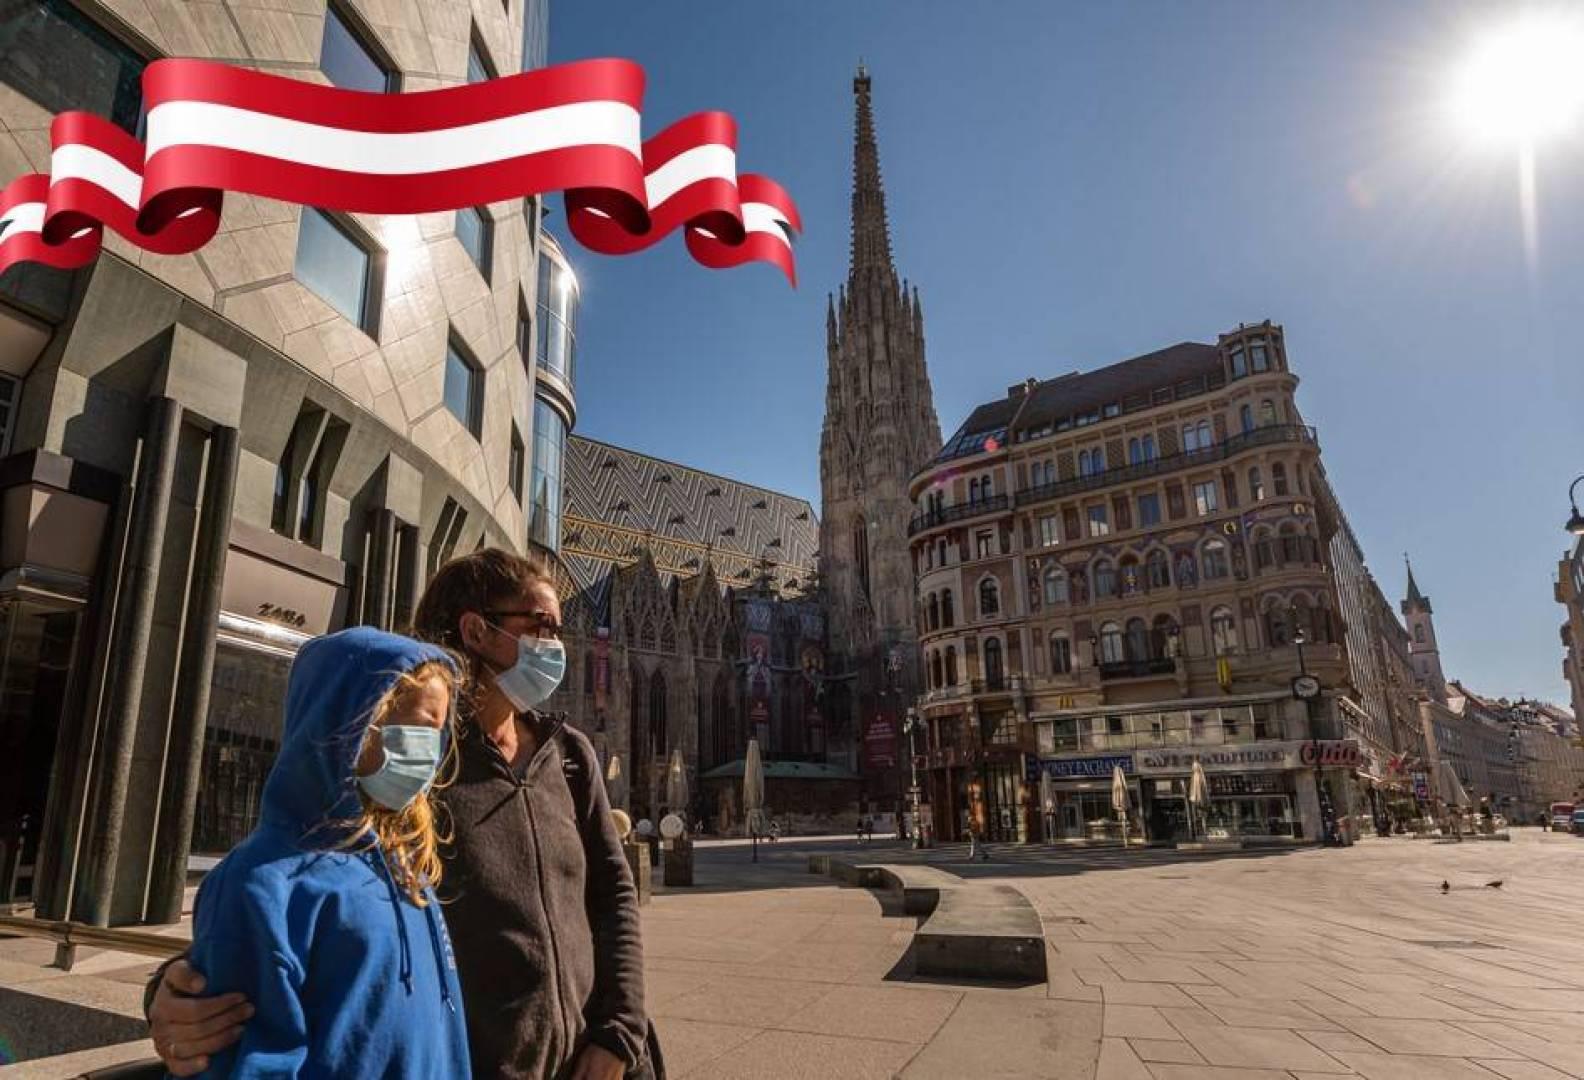 النمسا تقدم دعماً مادياً للعاطلين والأسر المتضررة من «كورونا»